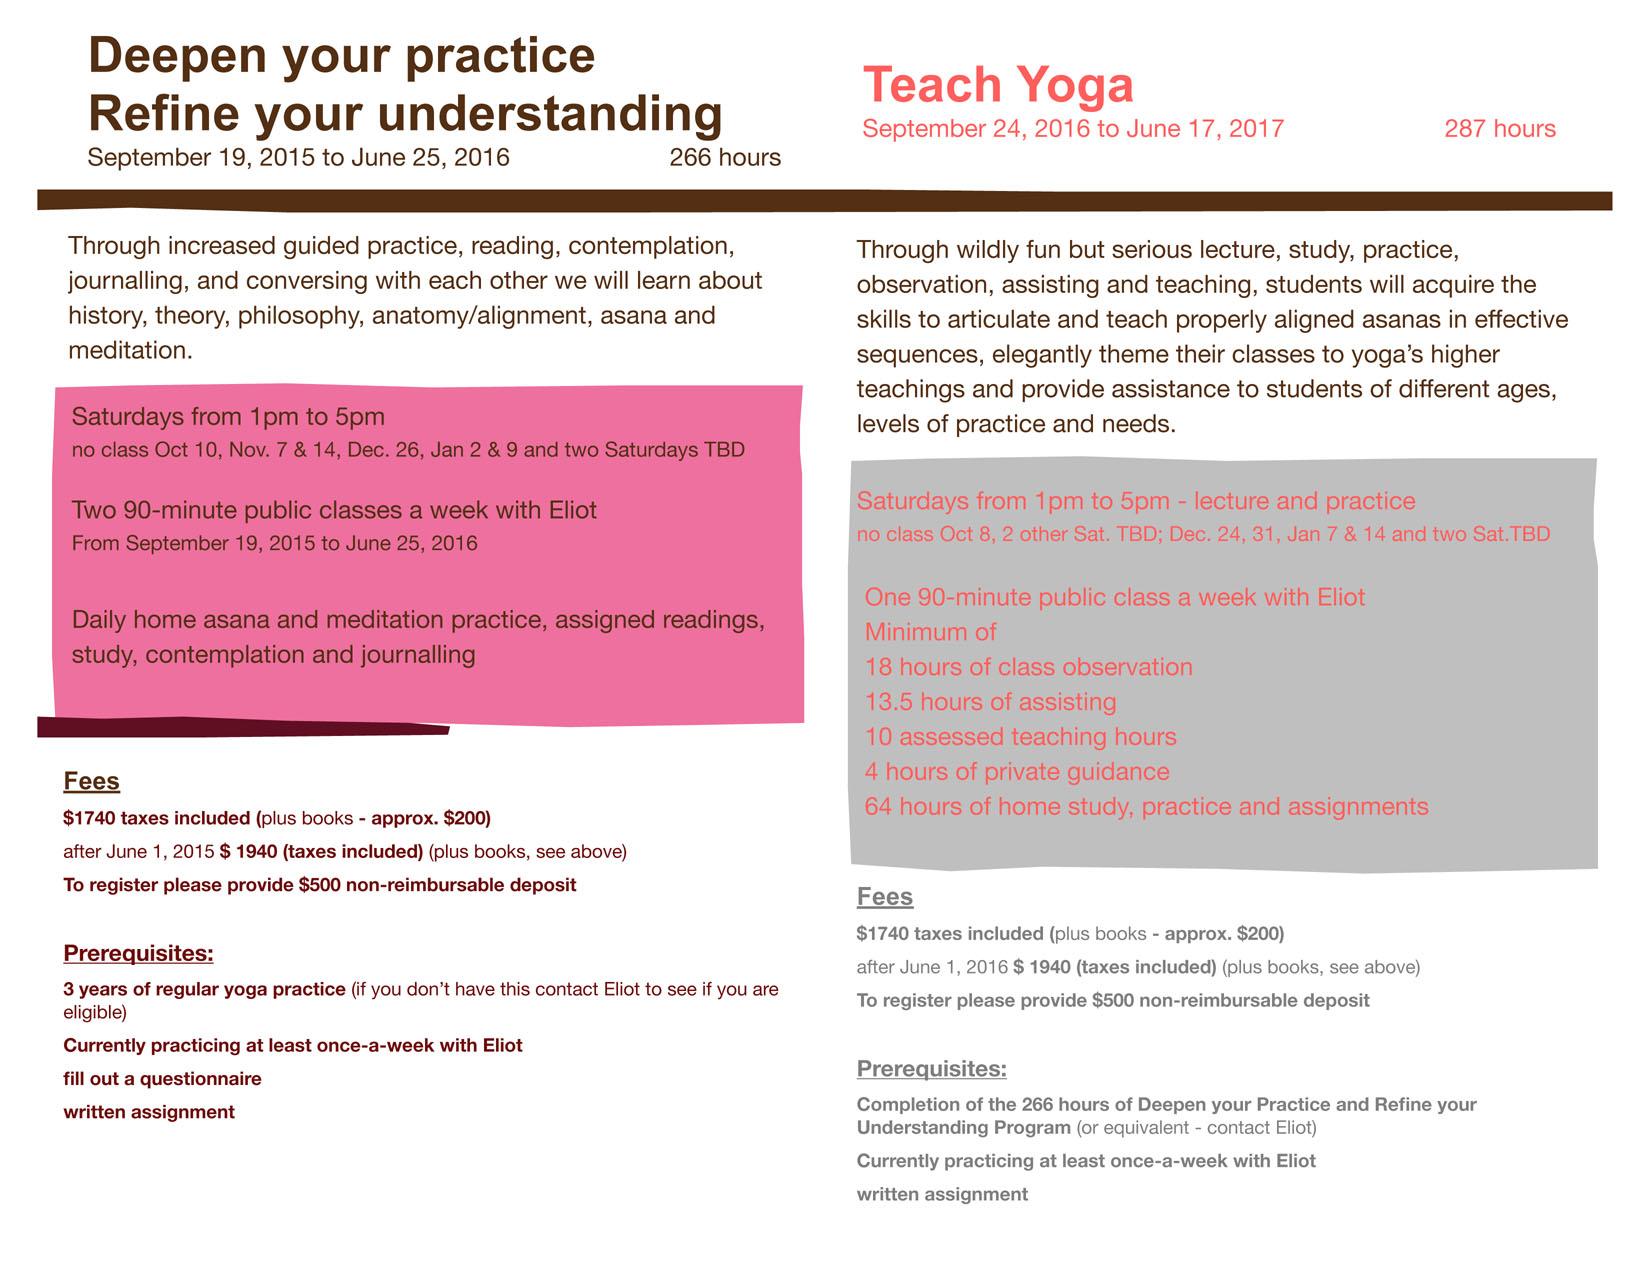 Deepen your practice program_FLYER_ENG-2.jpg